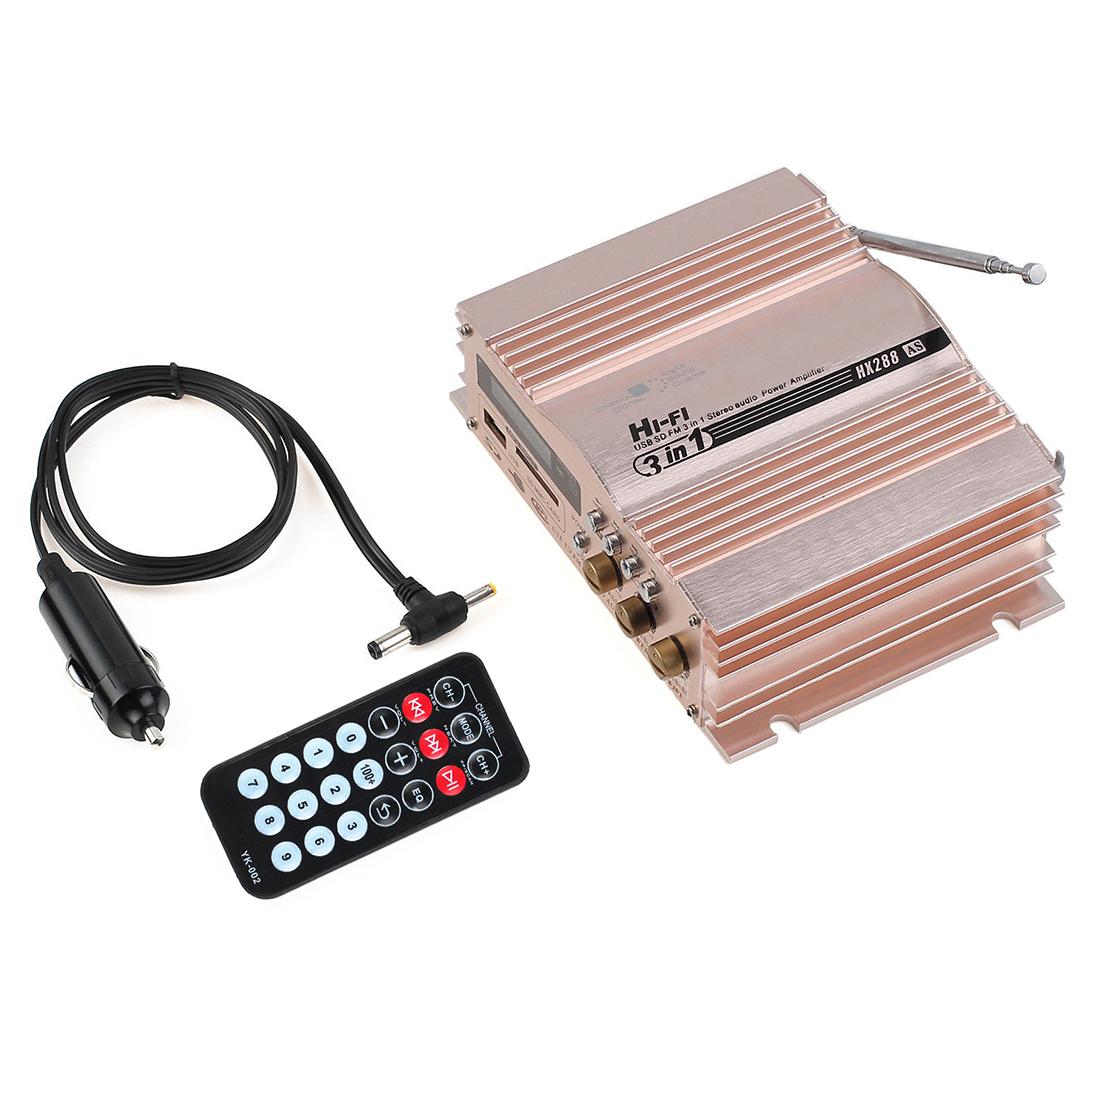 2 channel stereo amplifier 81 virago wiring diagram 360w 12v hi fi car fm radio mp3